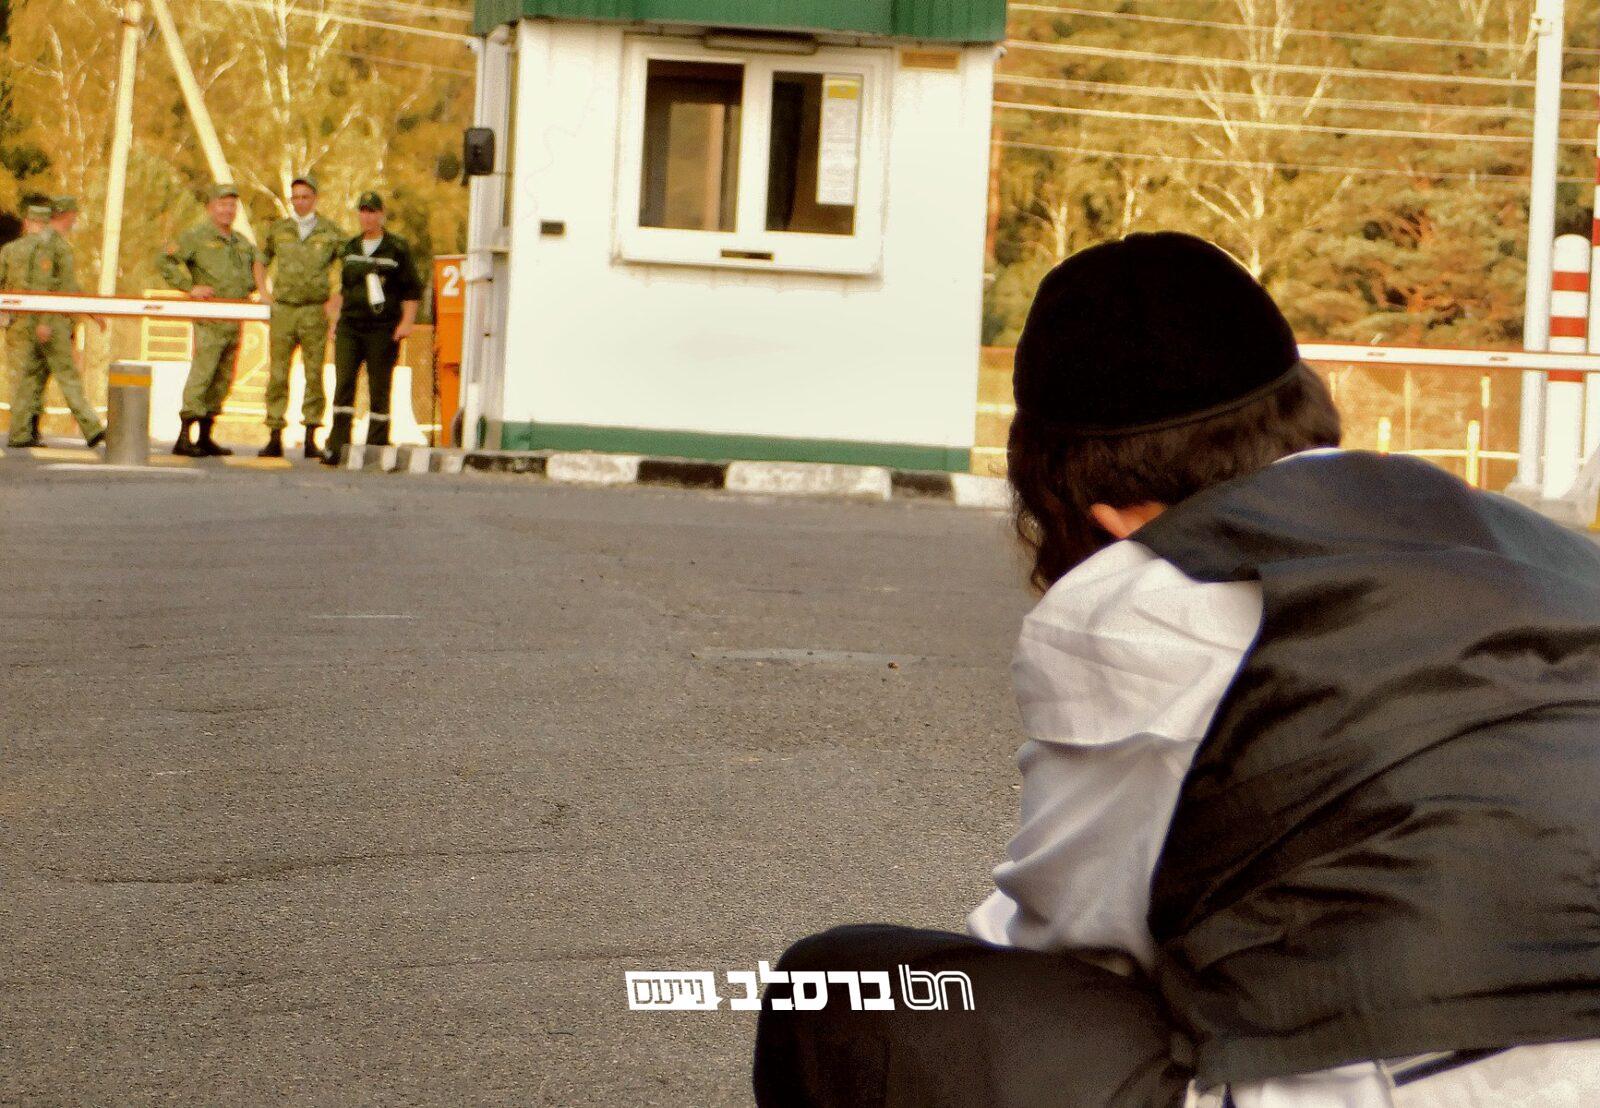 אוקראינה • נחסמו מעברי גבולות אוקראינה-בלארוס